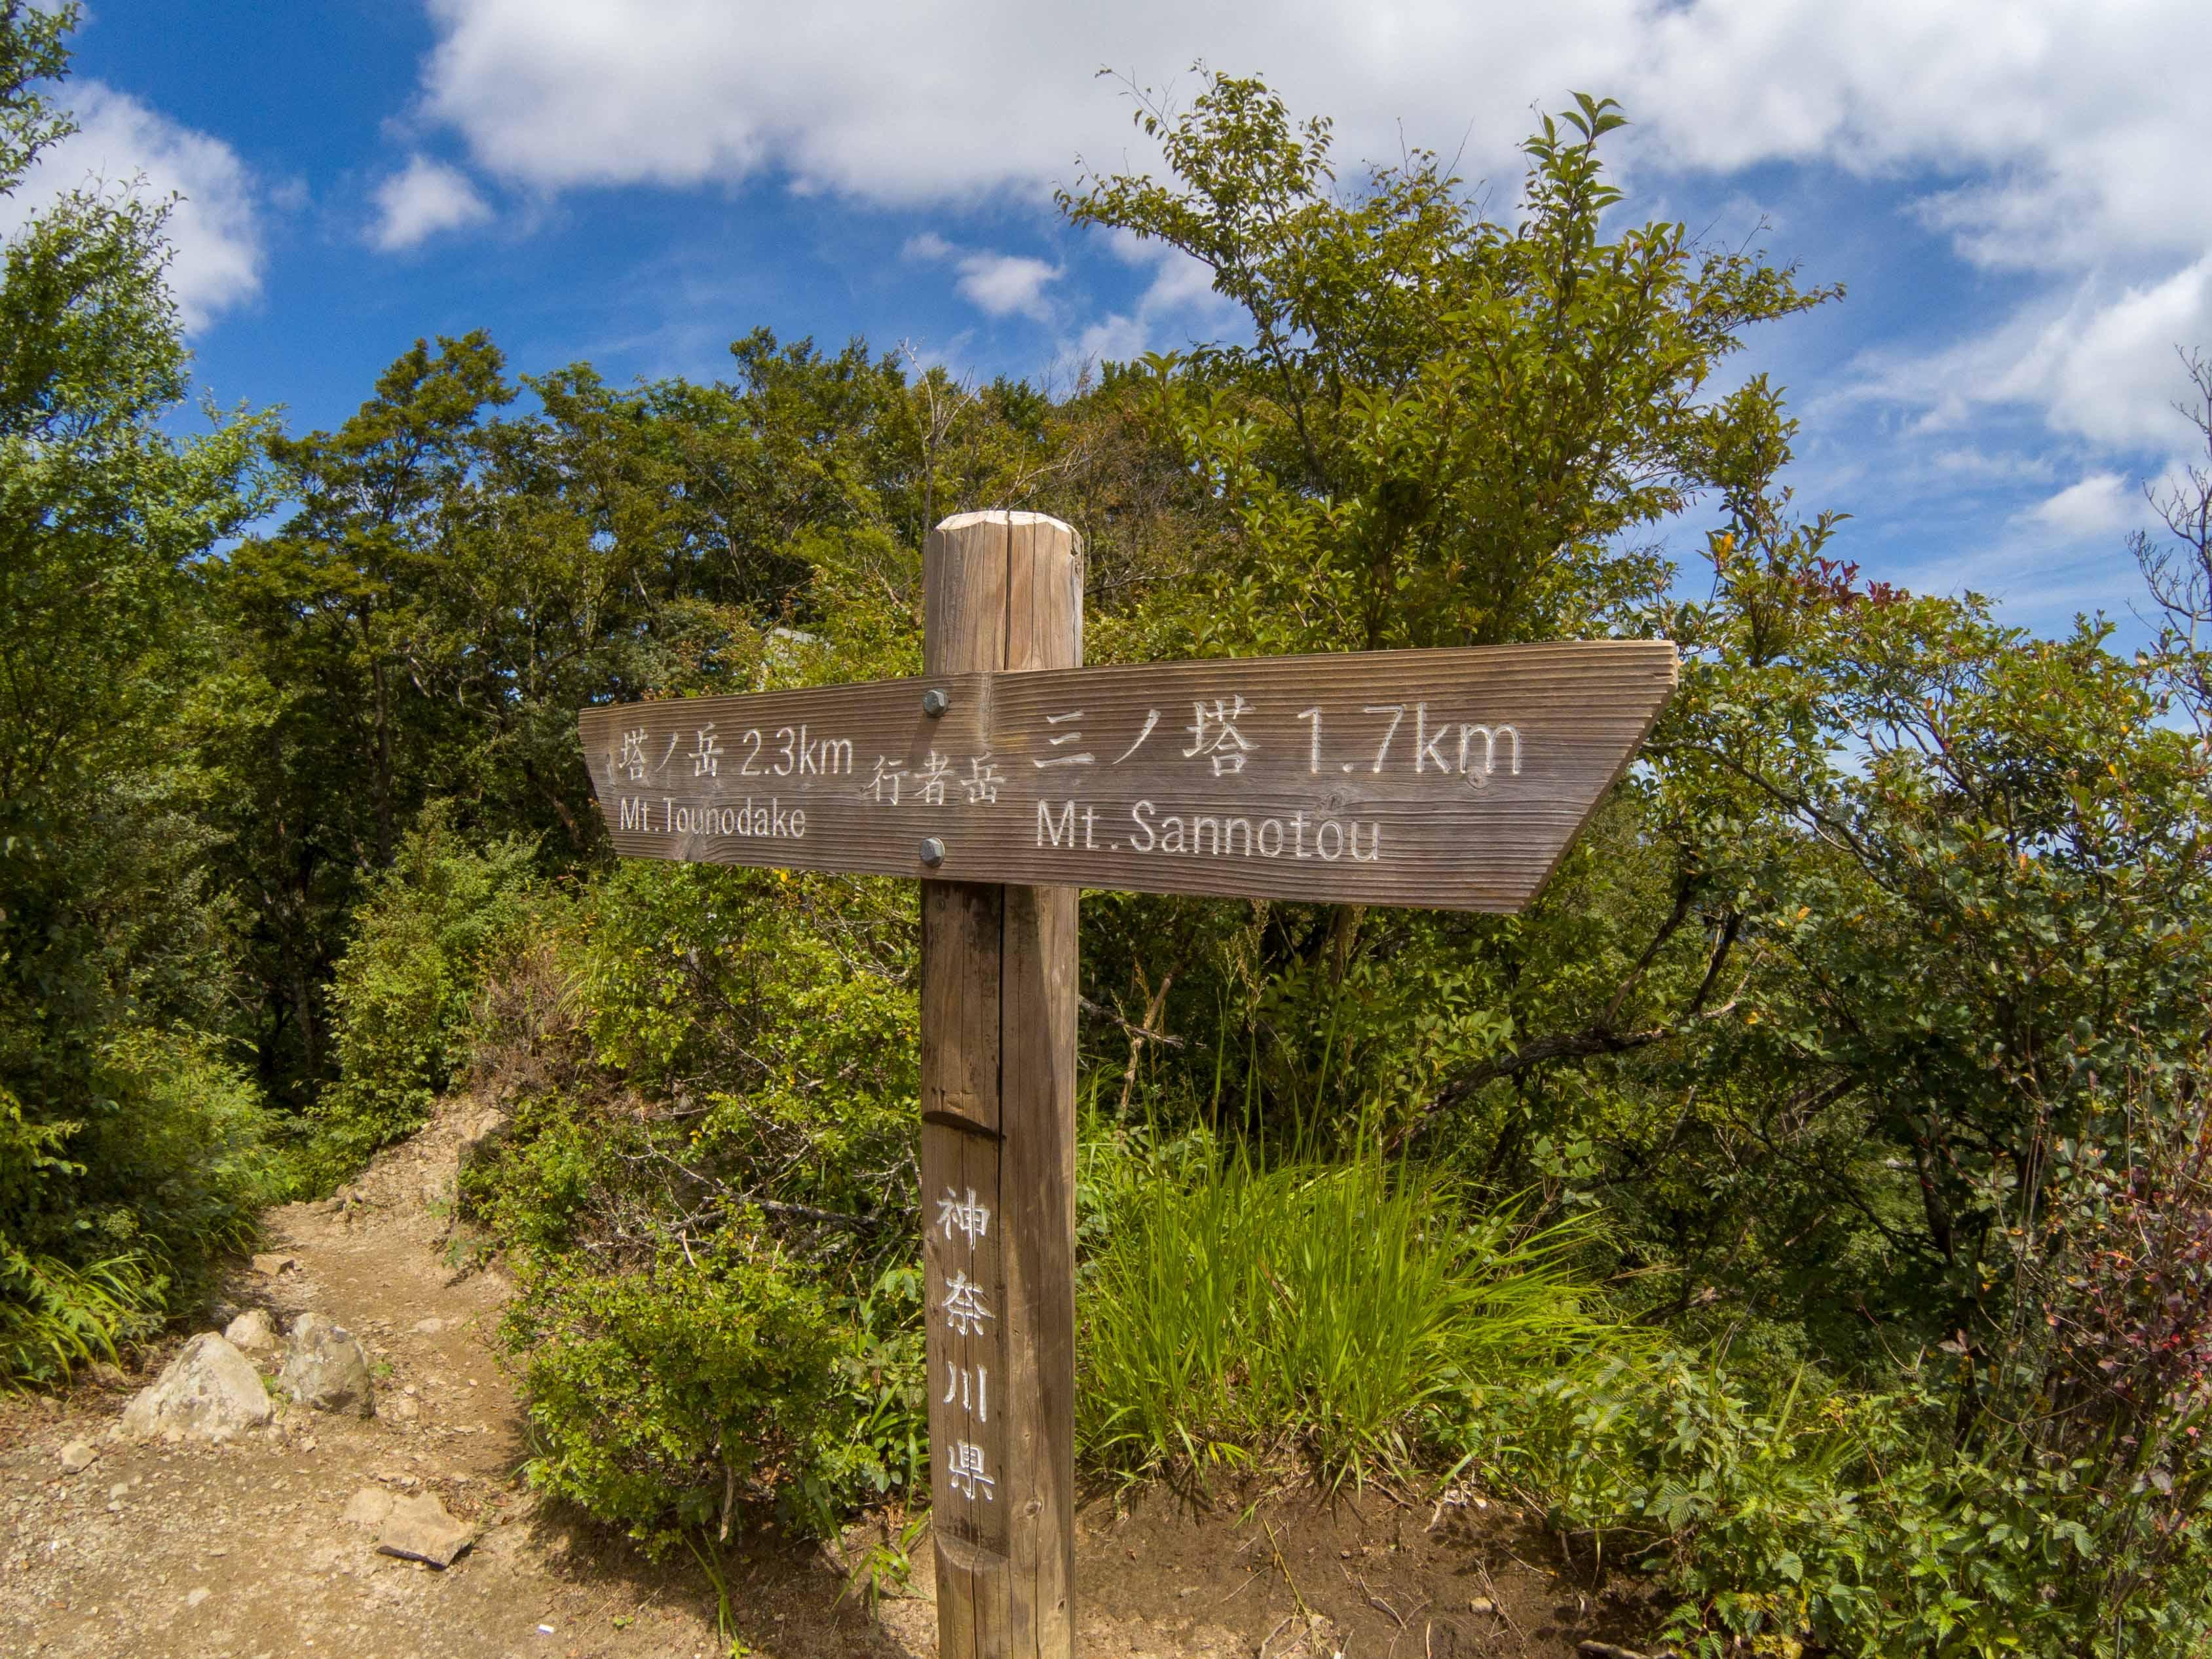 Mt. Sannoto-Tonodake-Nabewari thumbnails No.16